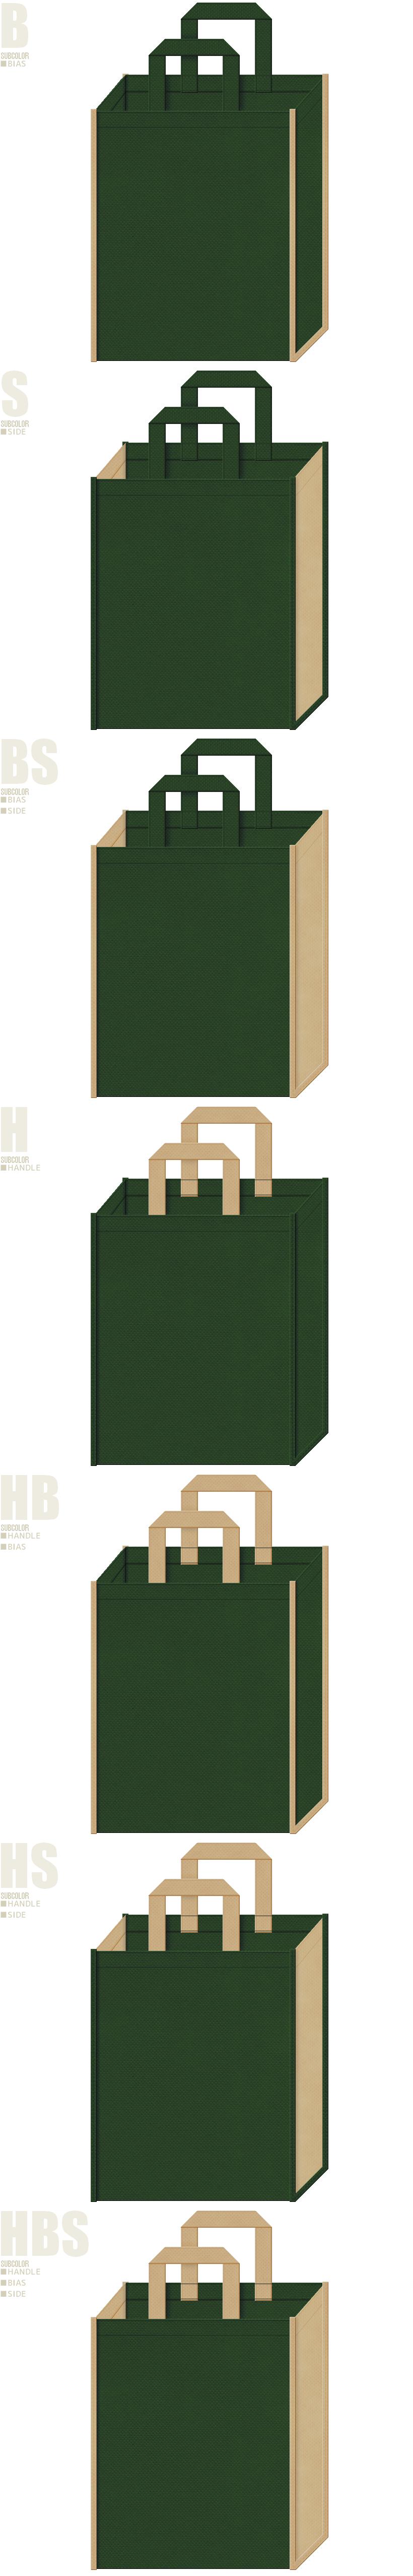 アンティーク・ヴィンテージ・動物園・テーマパーク・探検・ジャングル・恐竜・サバンナ・サファリ・アニマル・DIY・登山・アウトドア・キャンプ用品の展示会用バッグにお奨めの不織布バッグデザイン:濃緑色とカーキ色の配色7パターン